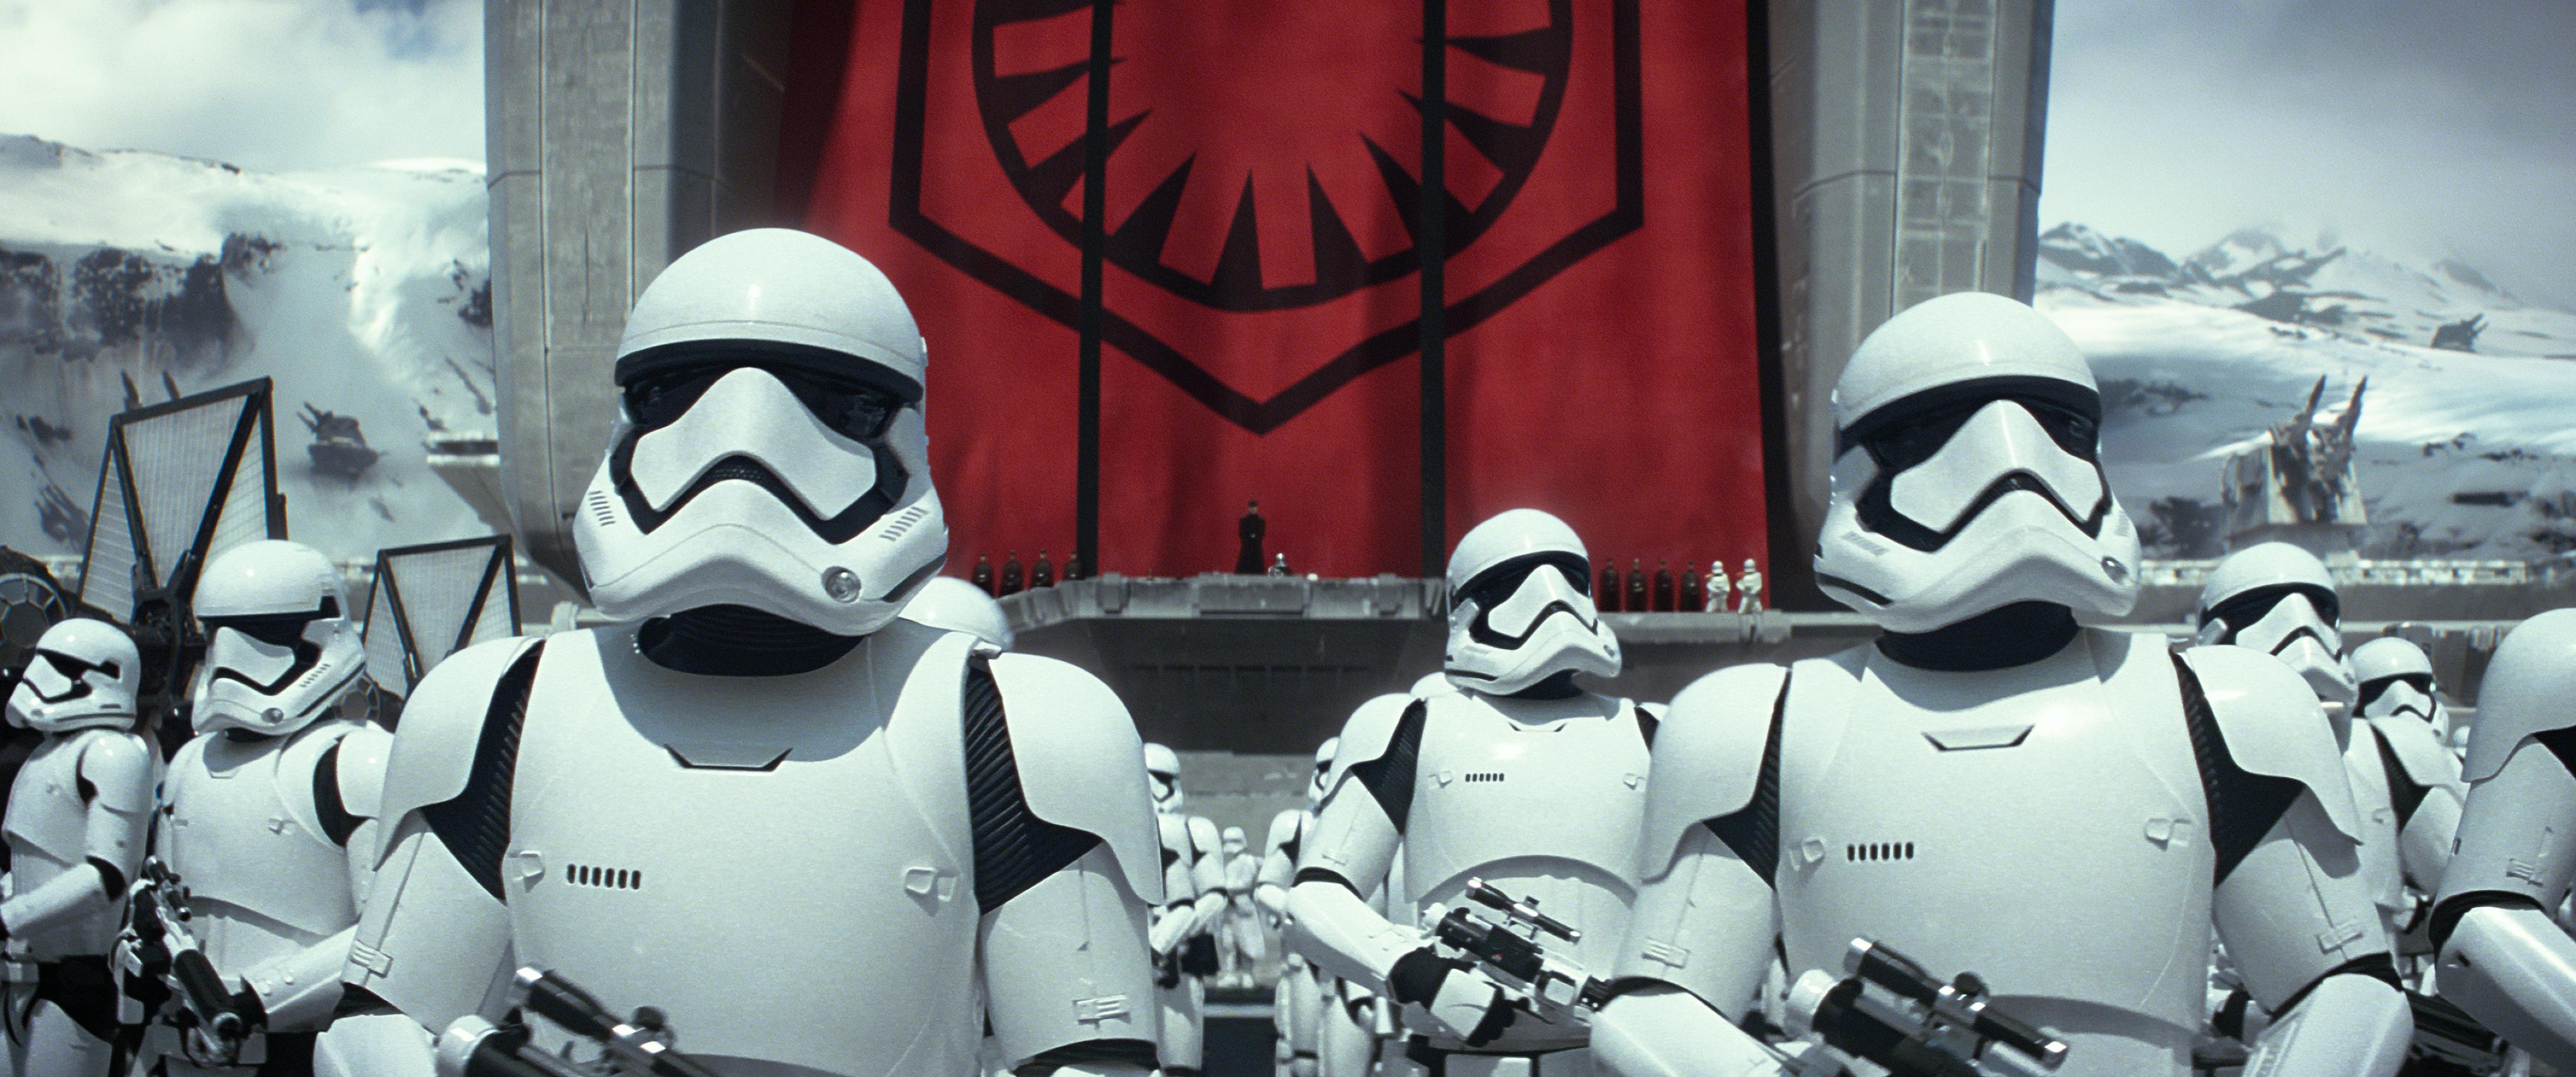 Star wars epidose VII